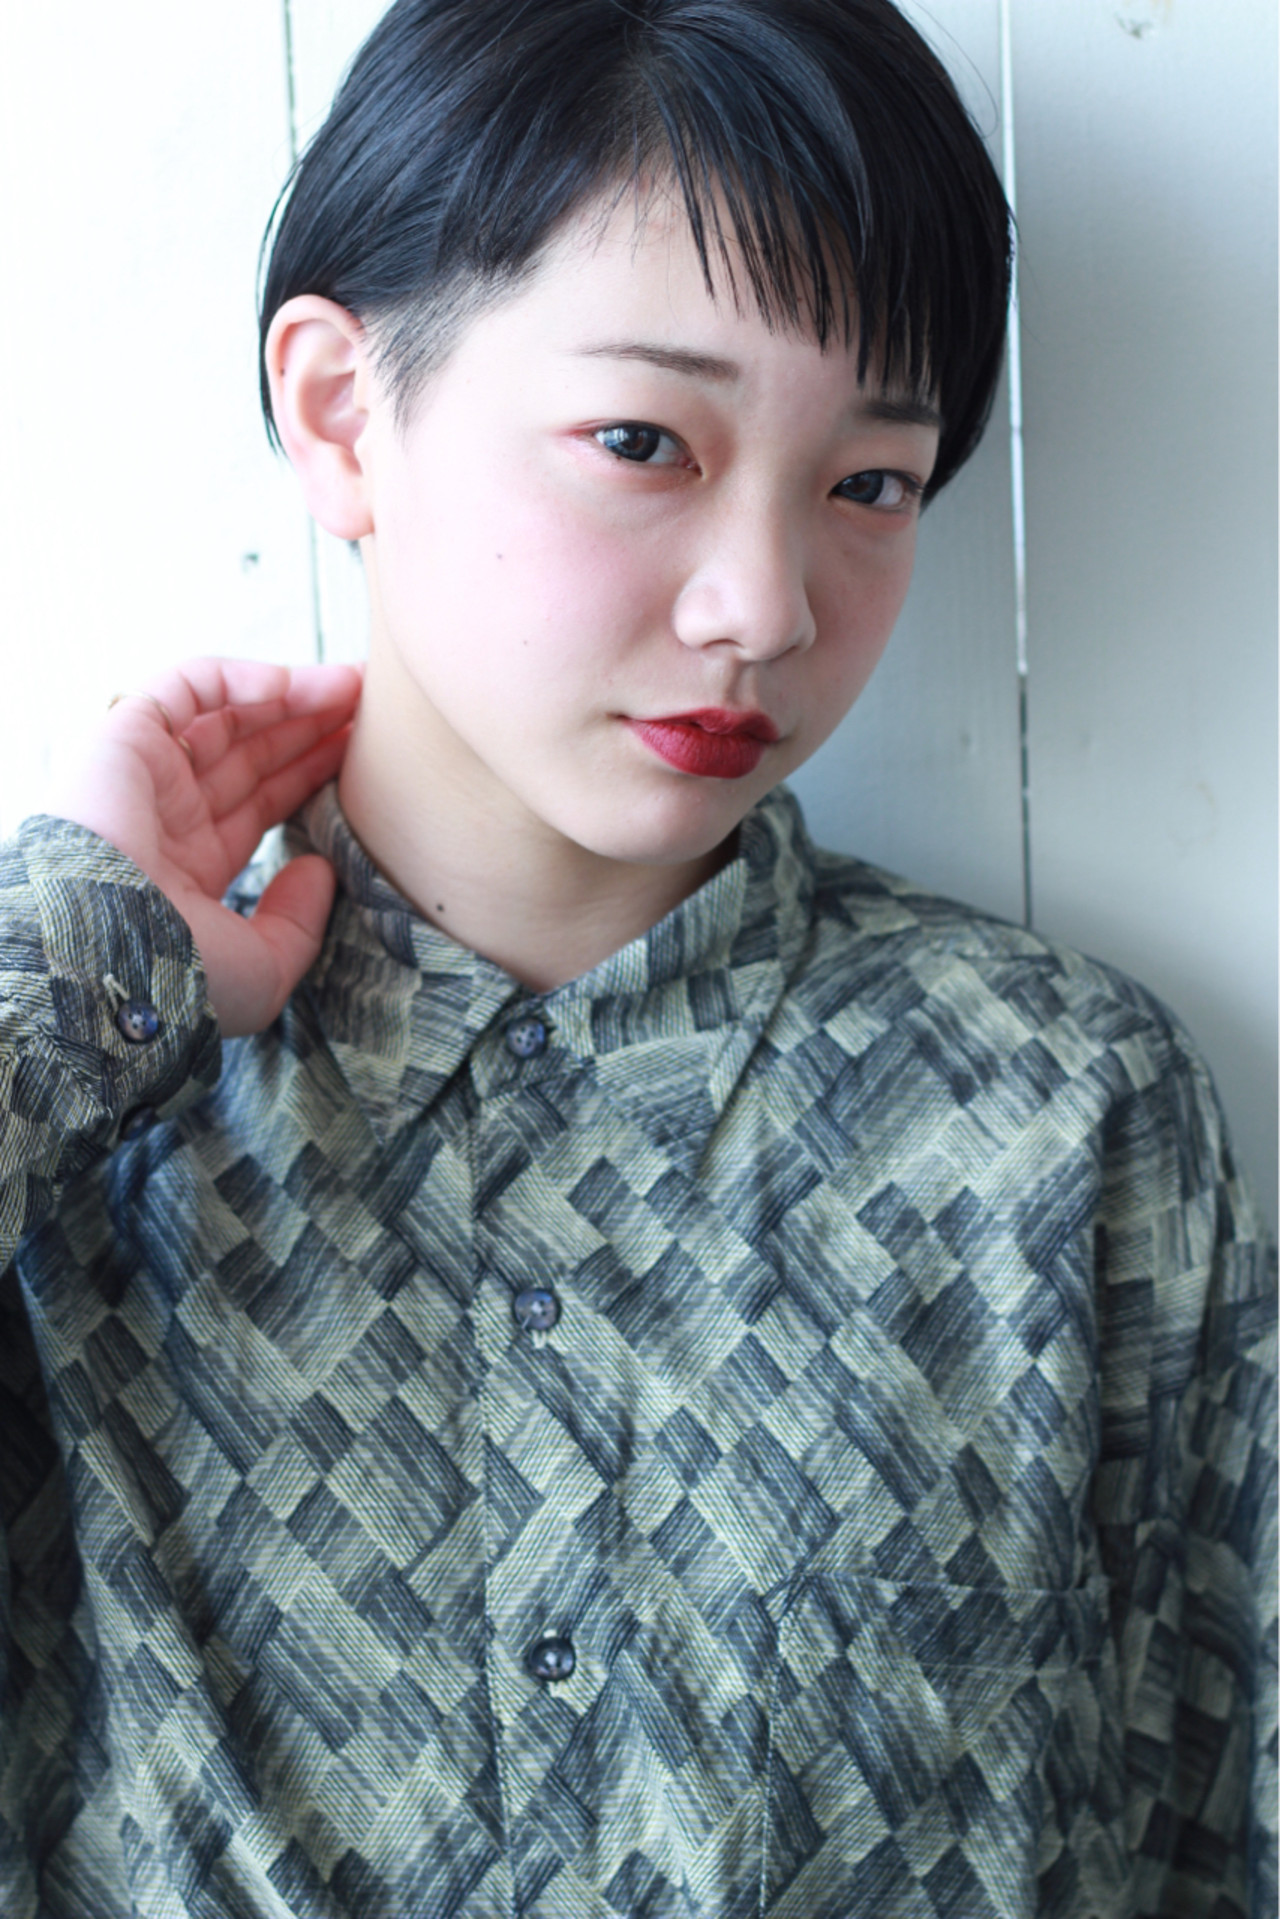 しゅっとしたあごは顔全体をスリムな印象に♡ 松田 和幸 / K.Y.A. | K.Y.A.(ケイ.ワイ.エー.)